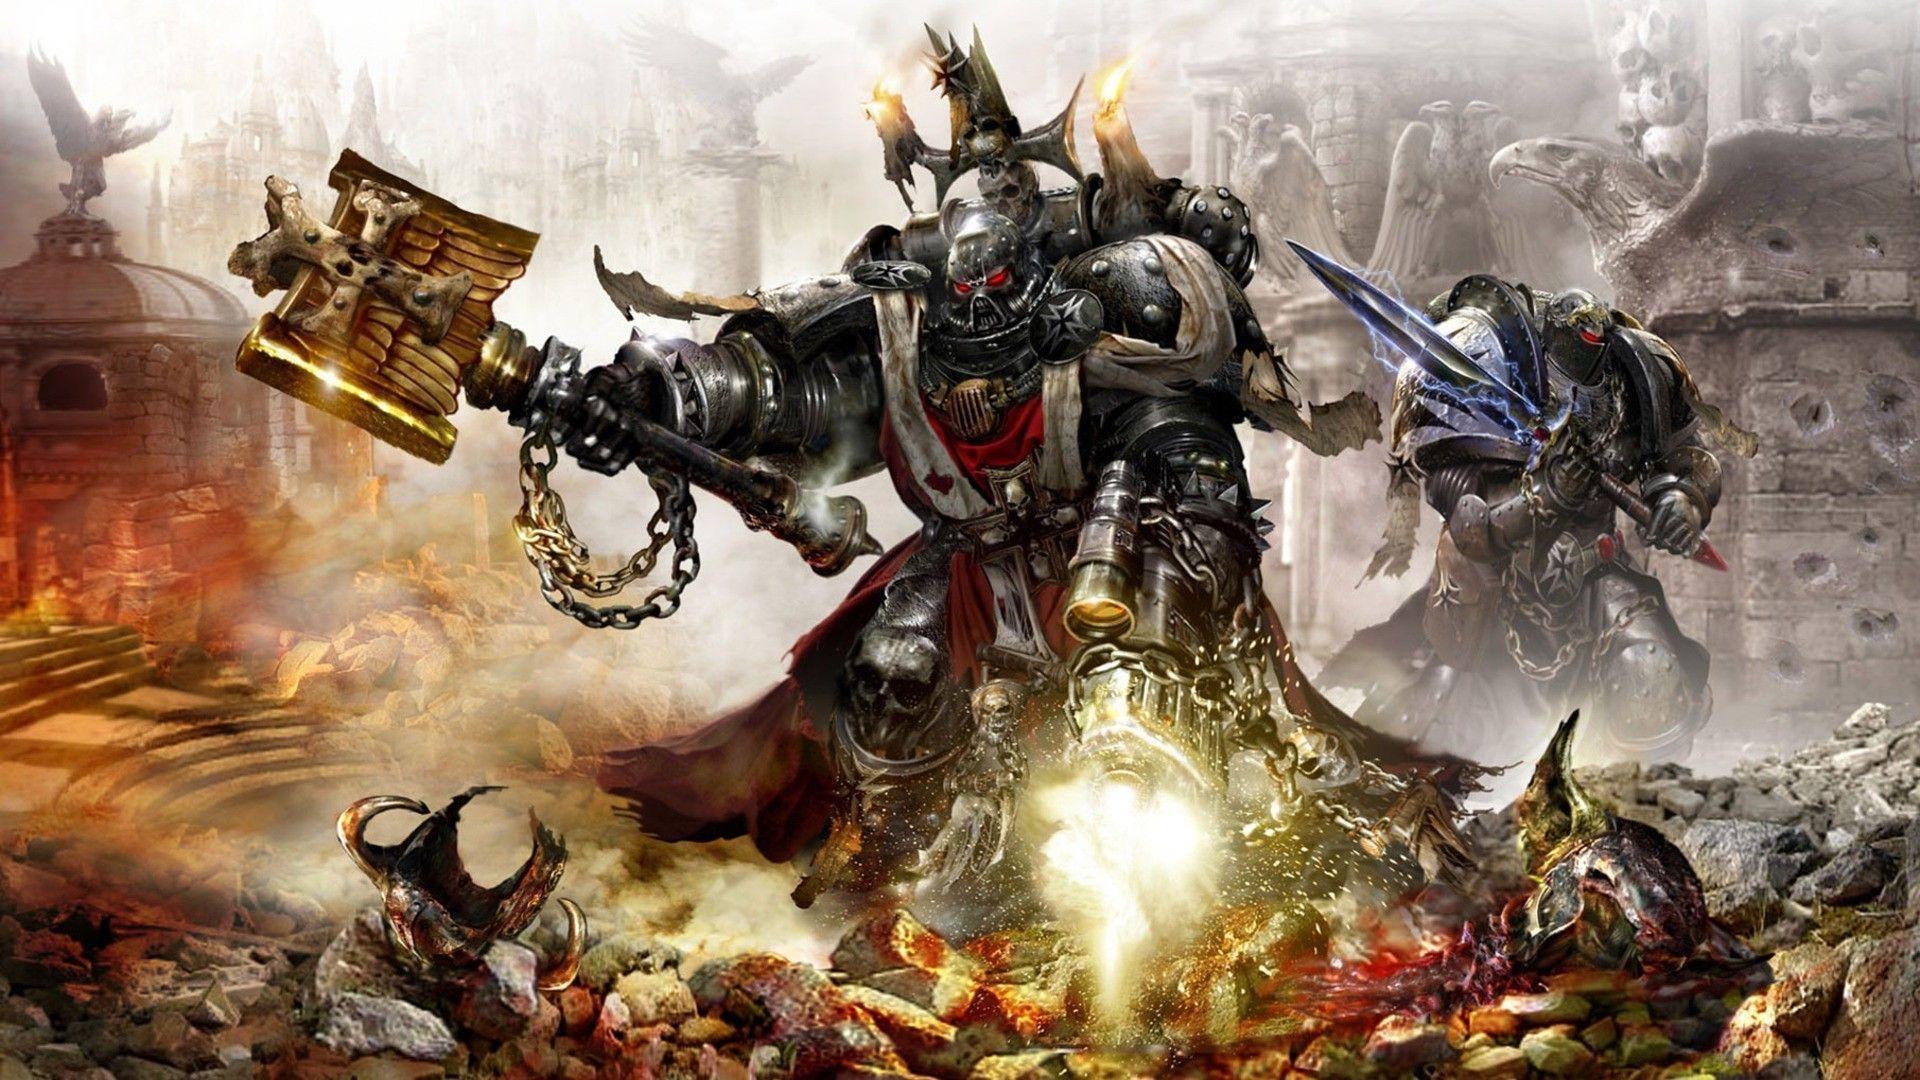 Warhammer 40k Wallpapers Top Free Warhammer 40k